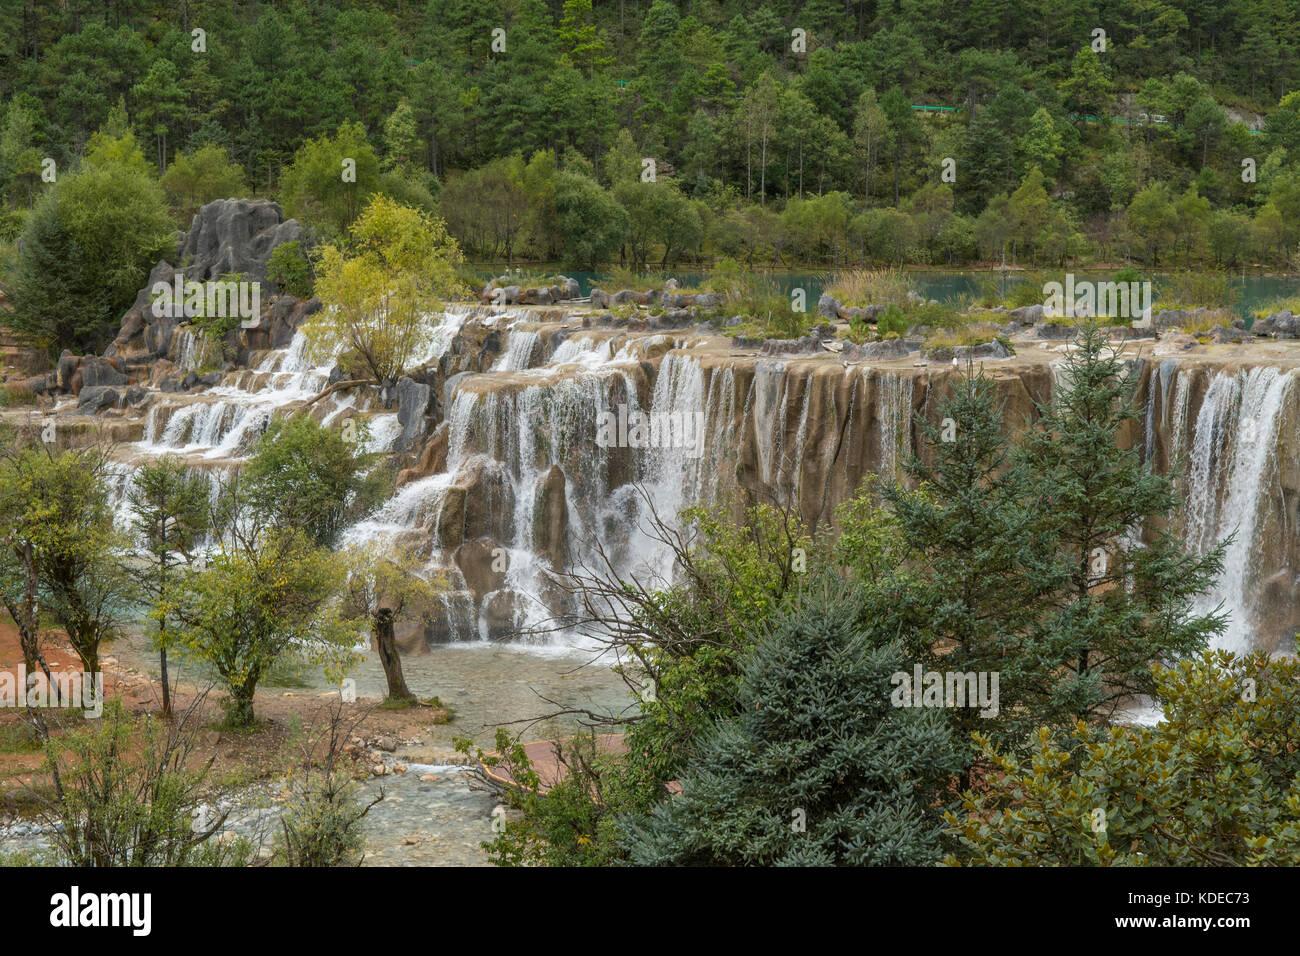 Waterfall at Jade Dragon Snow Mountain, Lijiang, Yunnan, China - Stock Image